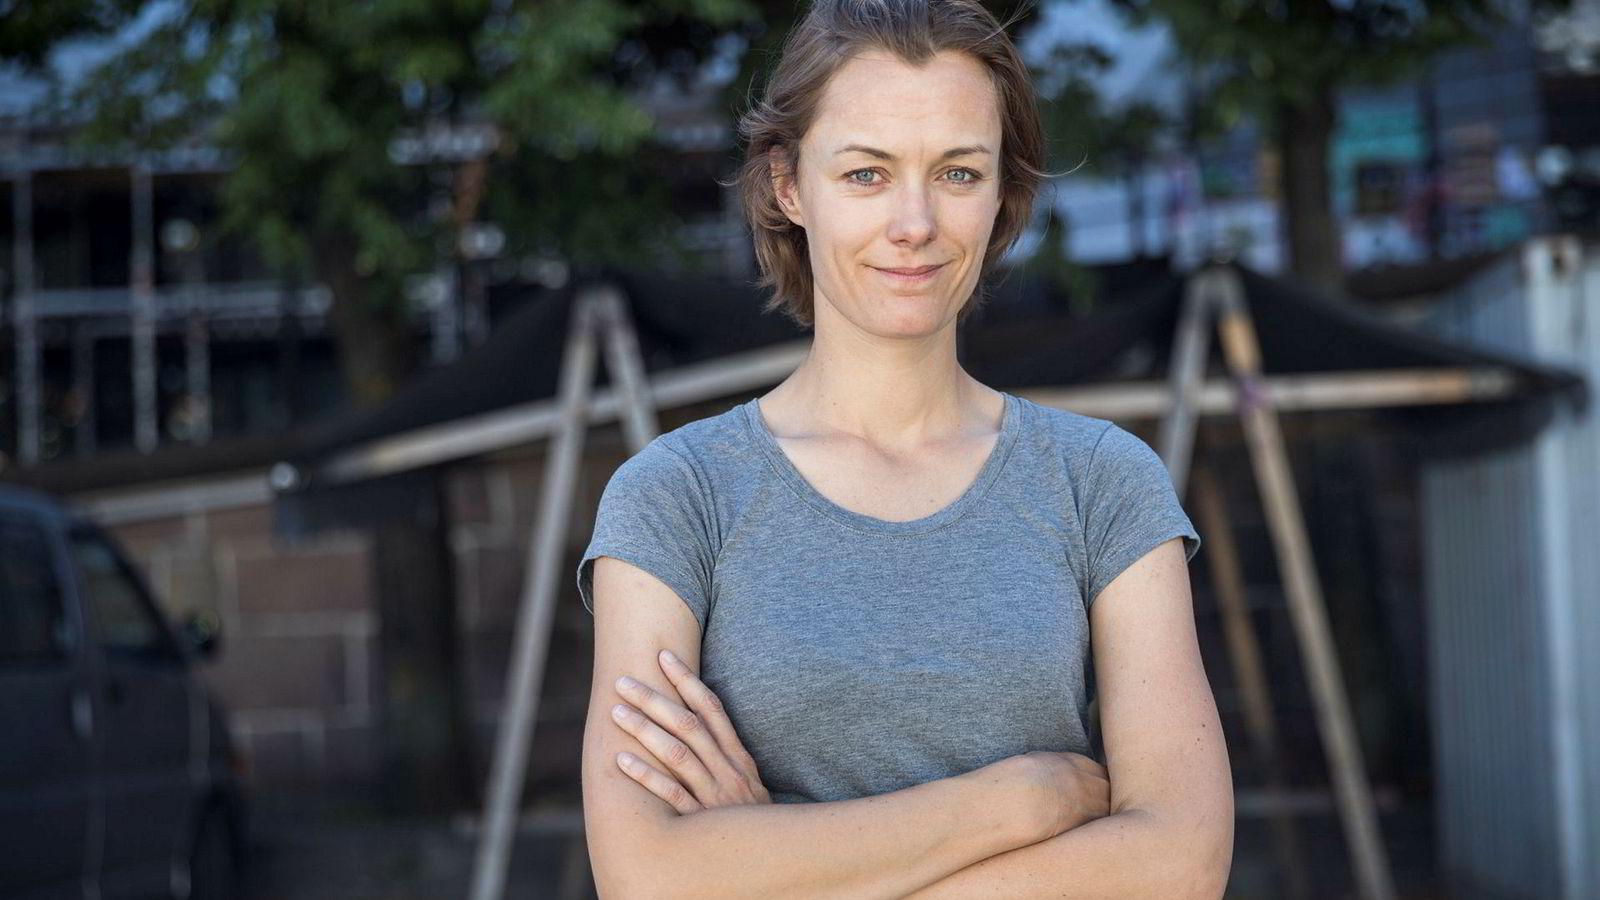 Arbeiderpartiet og Anette Trettebergstuen mener statsminister Erna Solberg med sine uttalelser har bidratt til å legge utilbørlig press på ytringsfriheten til et maktkritisk teaterstykke.